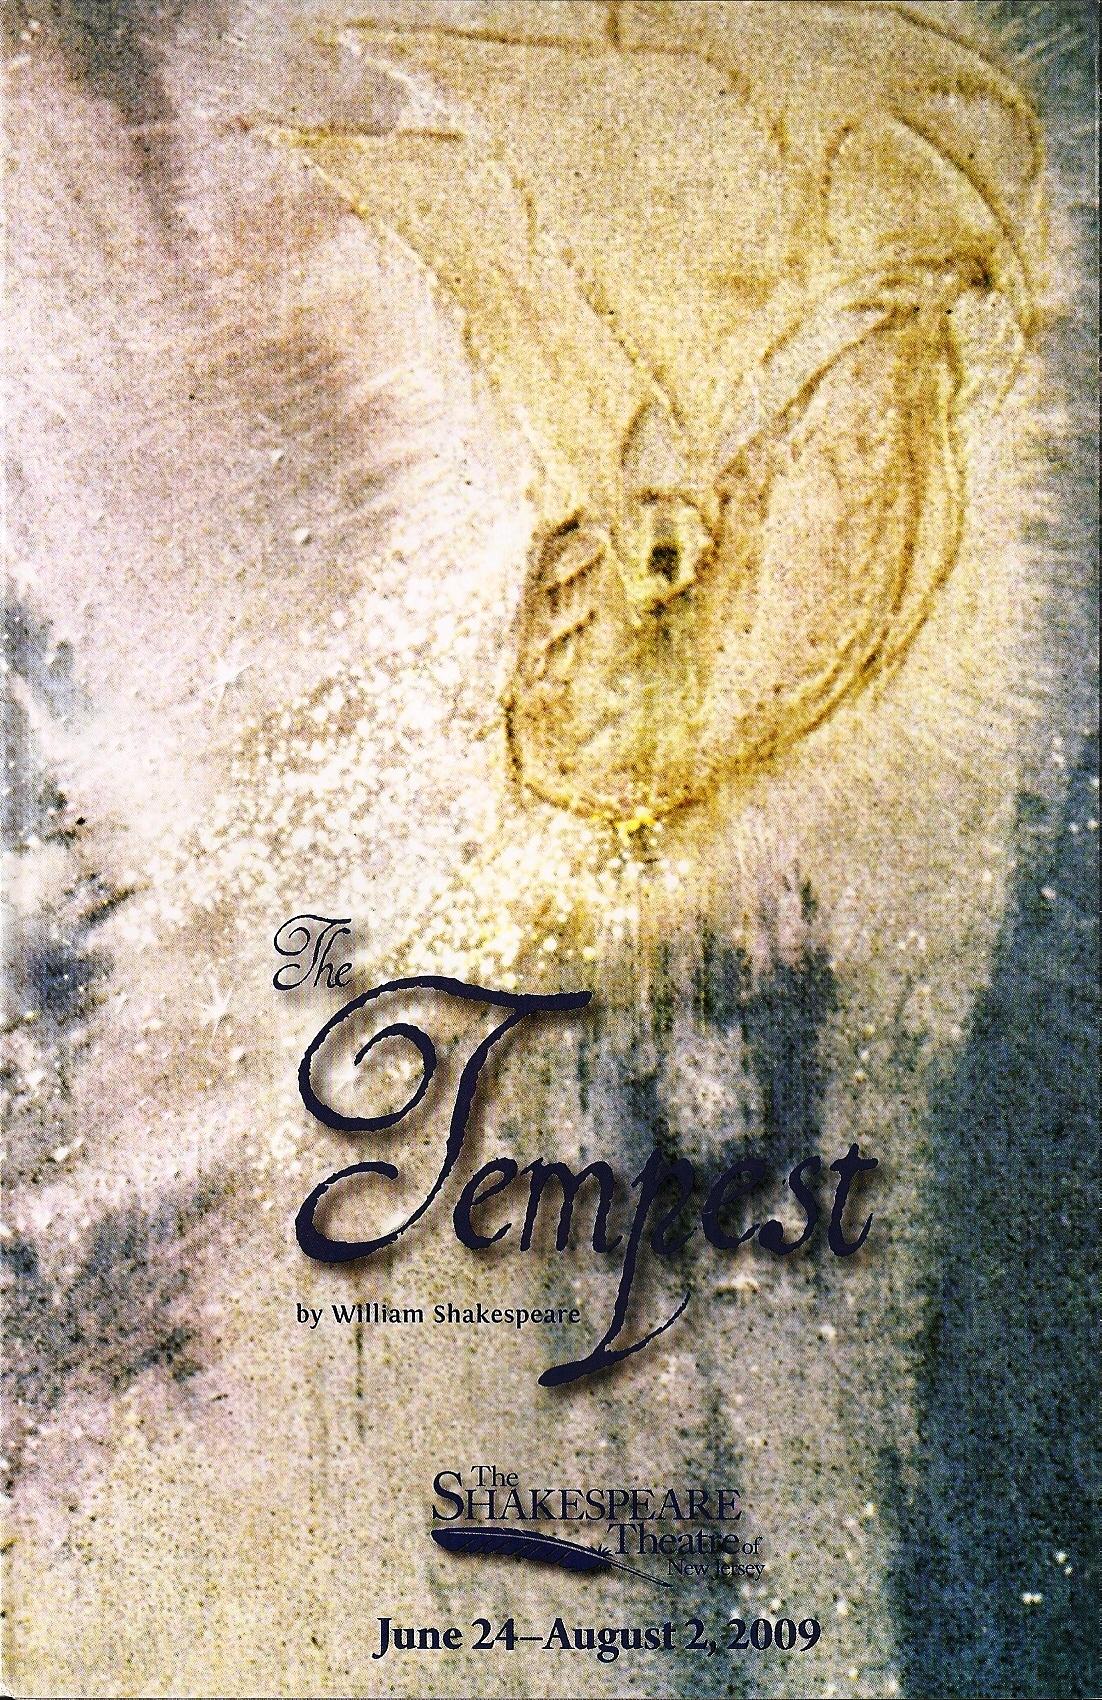 tempest_cover.jpg